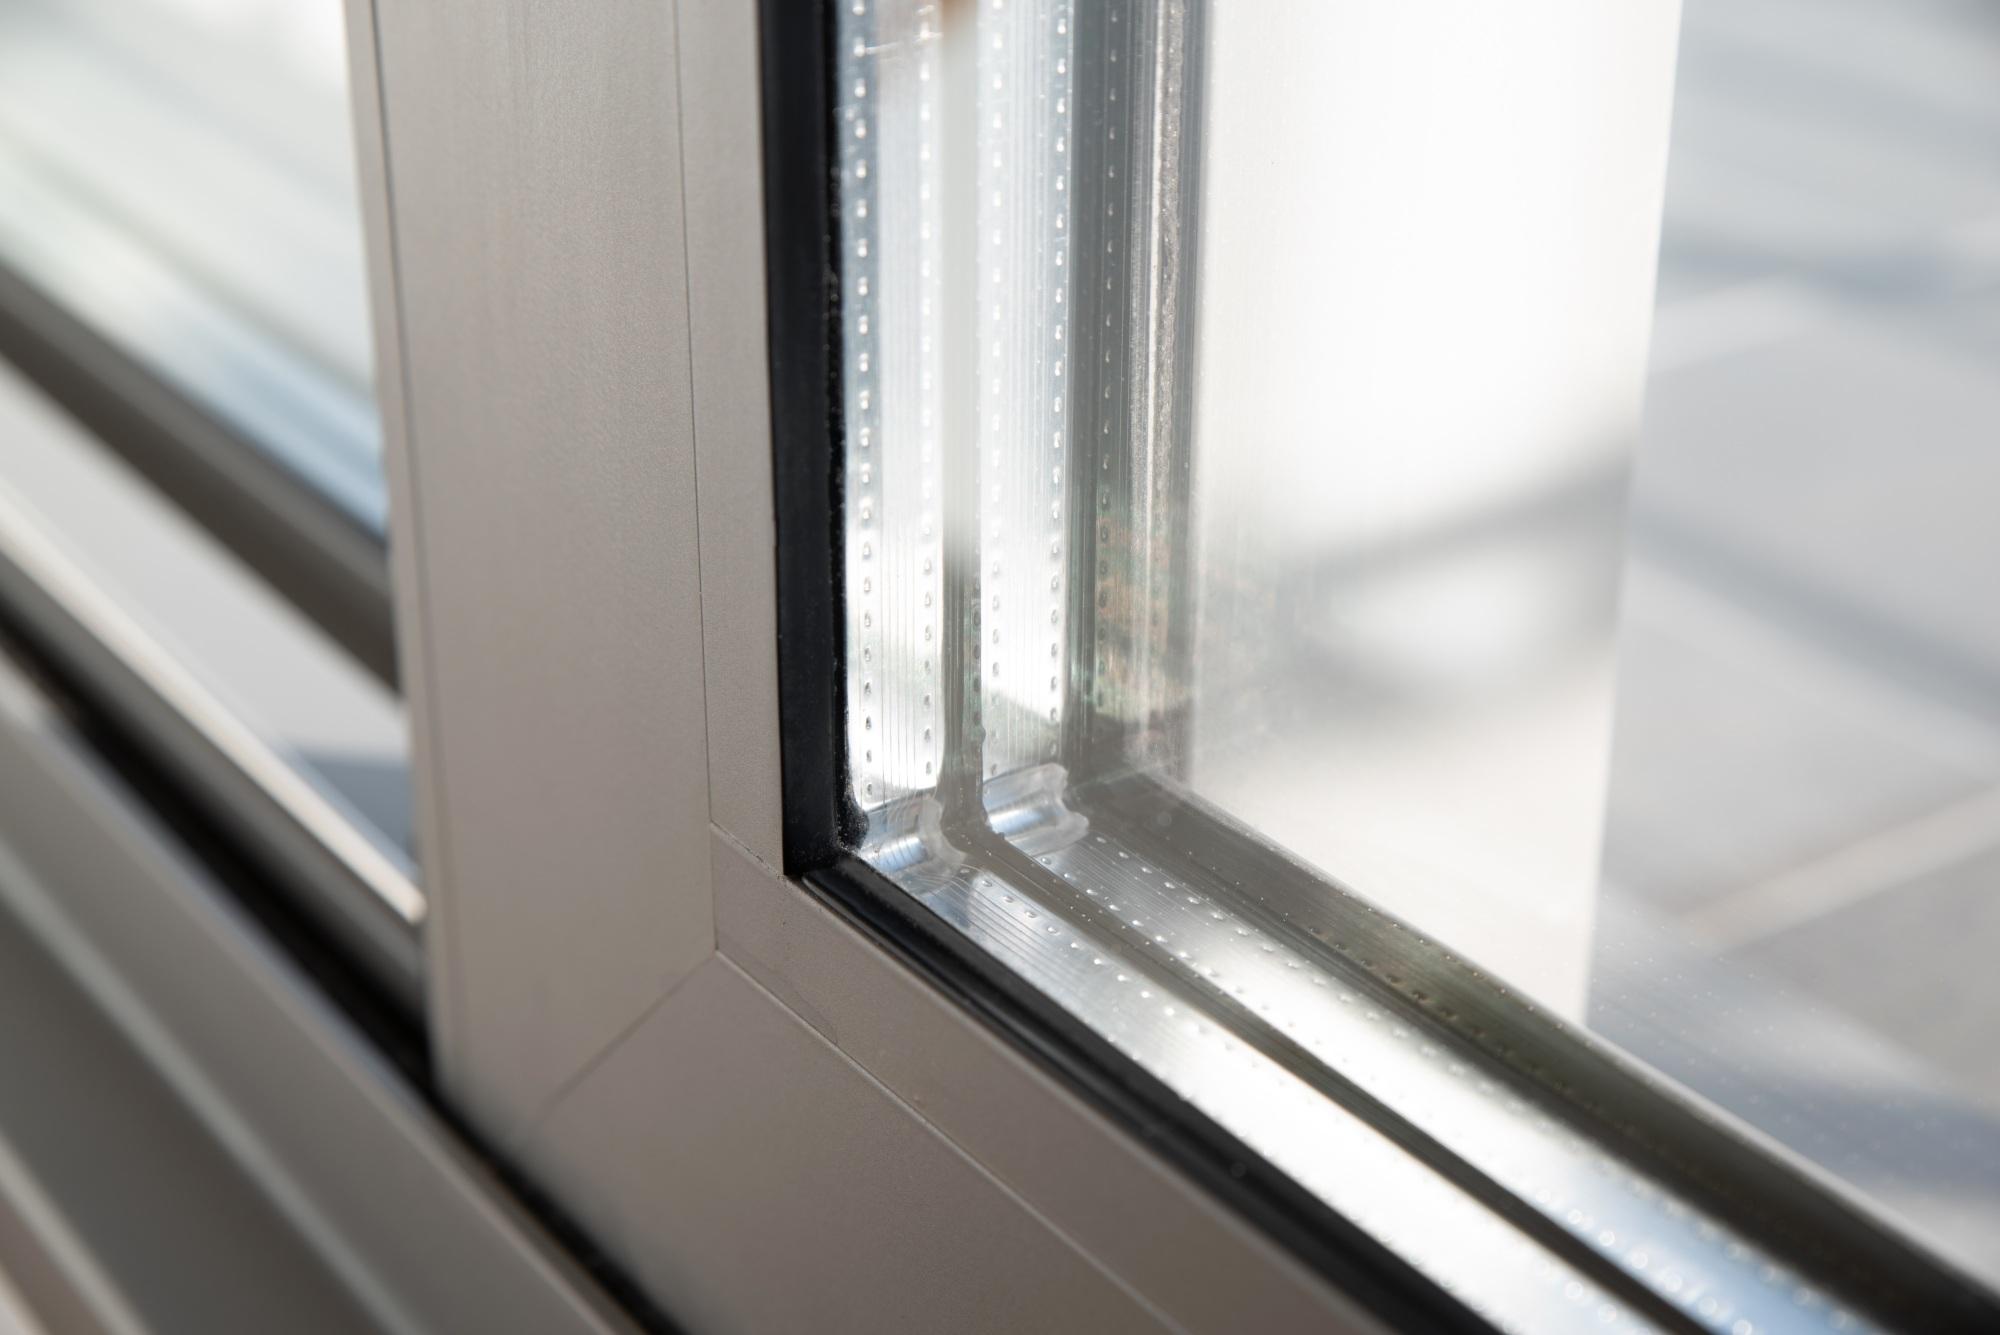 Full Size of Fenster Erneuern Kosten Austauschen Berlin Fensterfugen Altbau Zweifach Oder Dreifachverglasung Einbauen Schallschutz Beleuchtung Sichtschutzfolien Für Einbau Fenster Fenster Erneuern Kosten